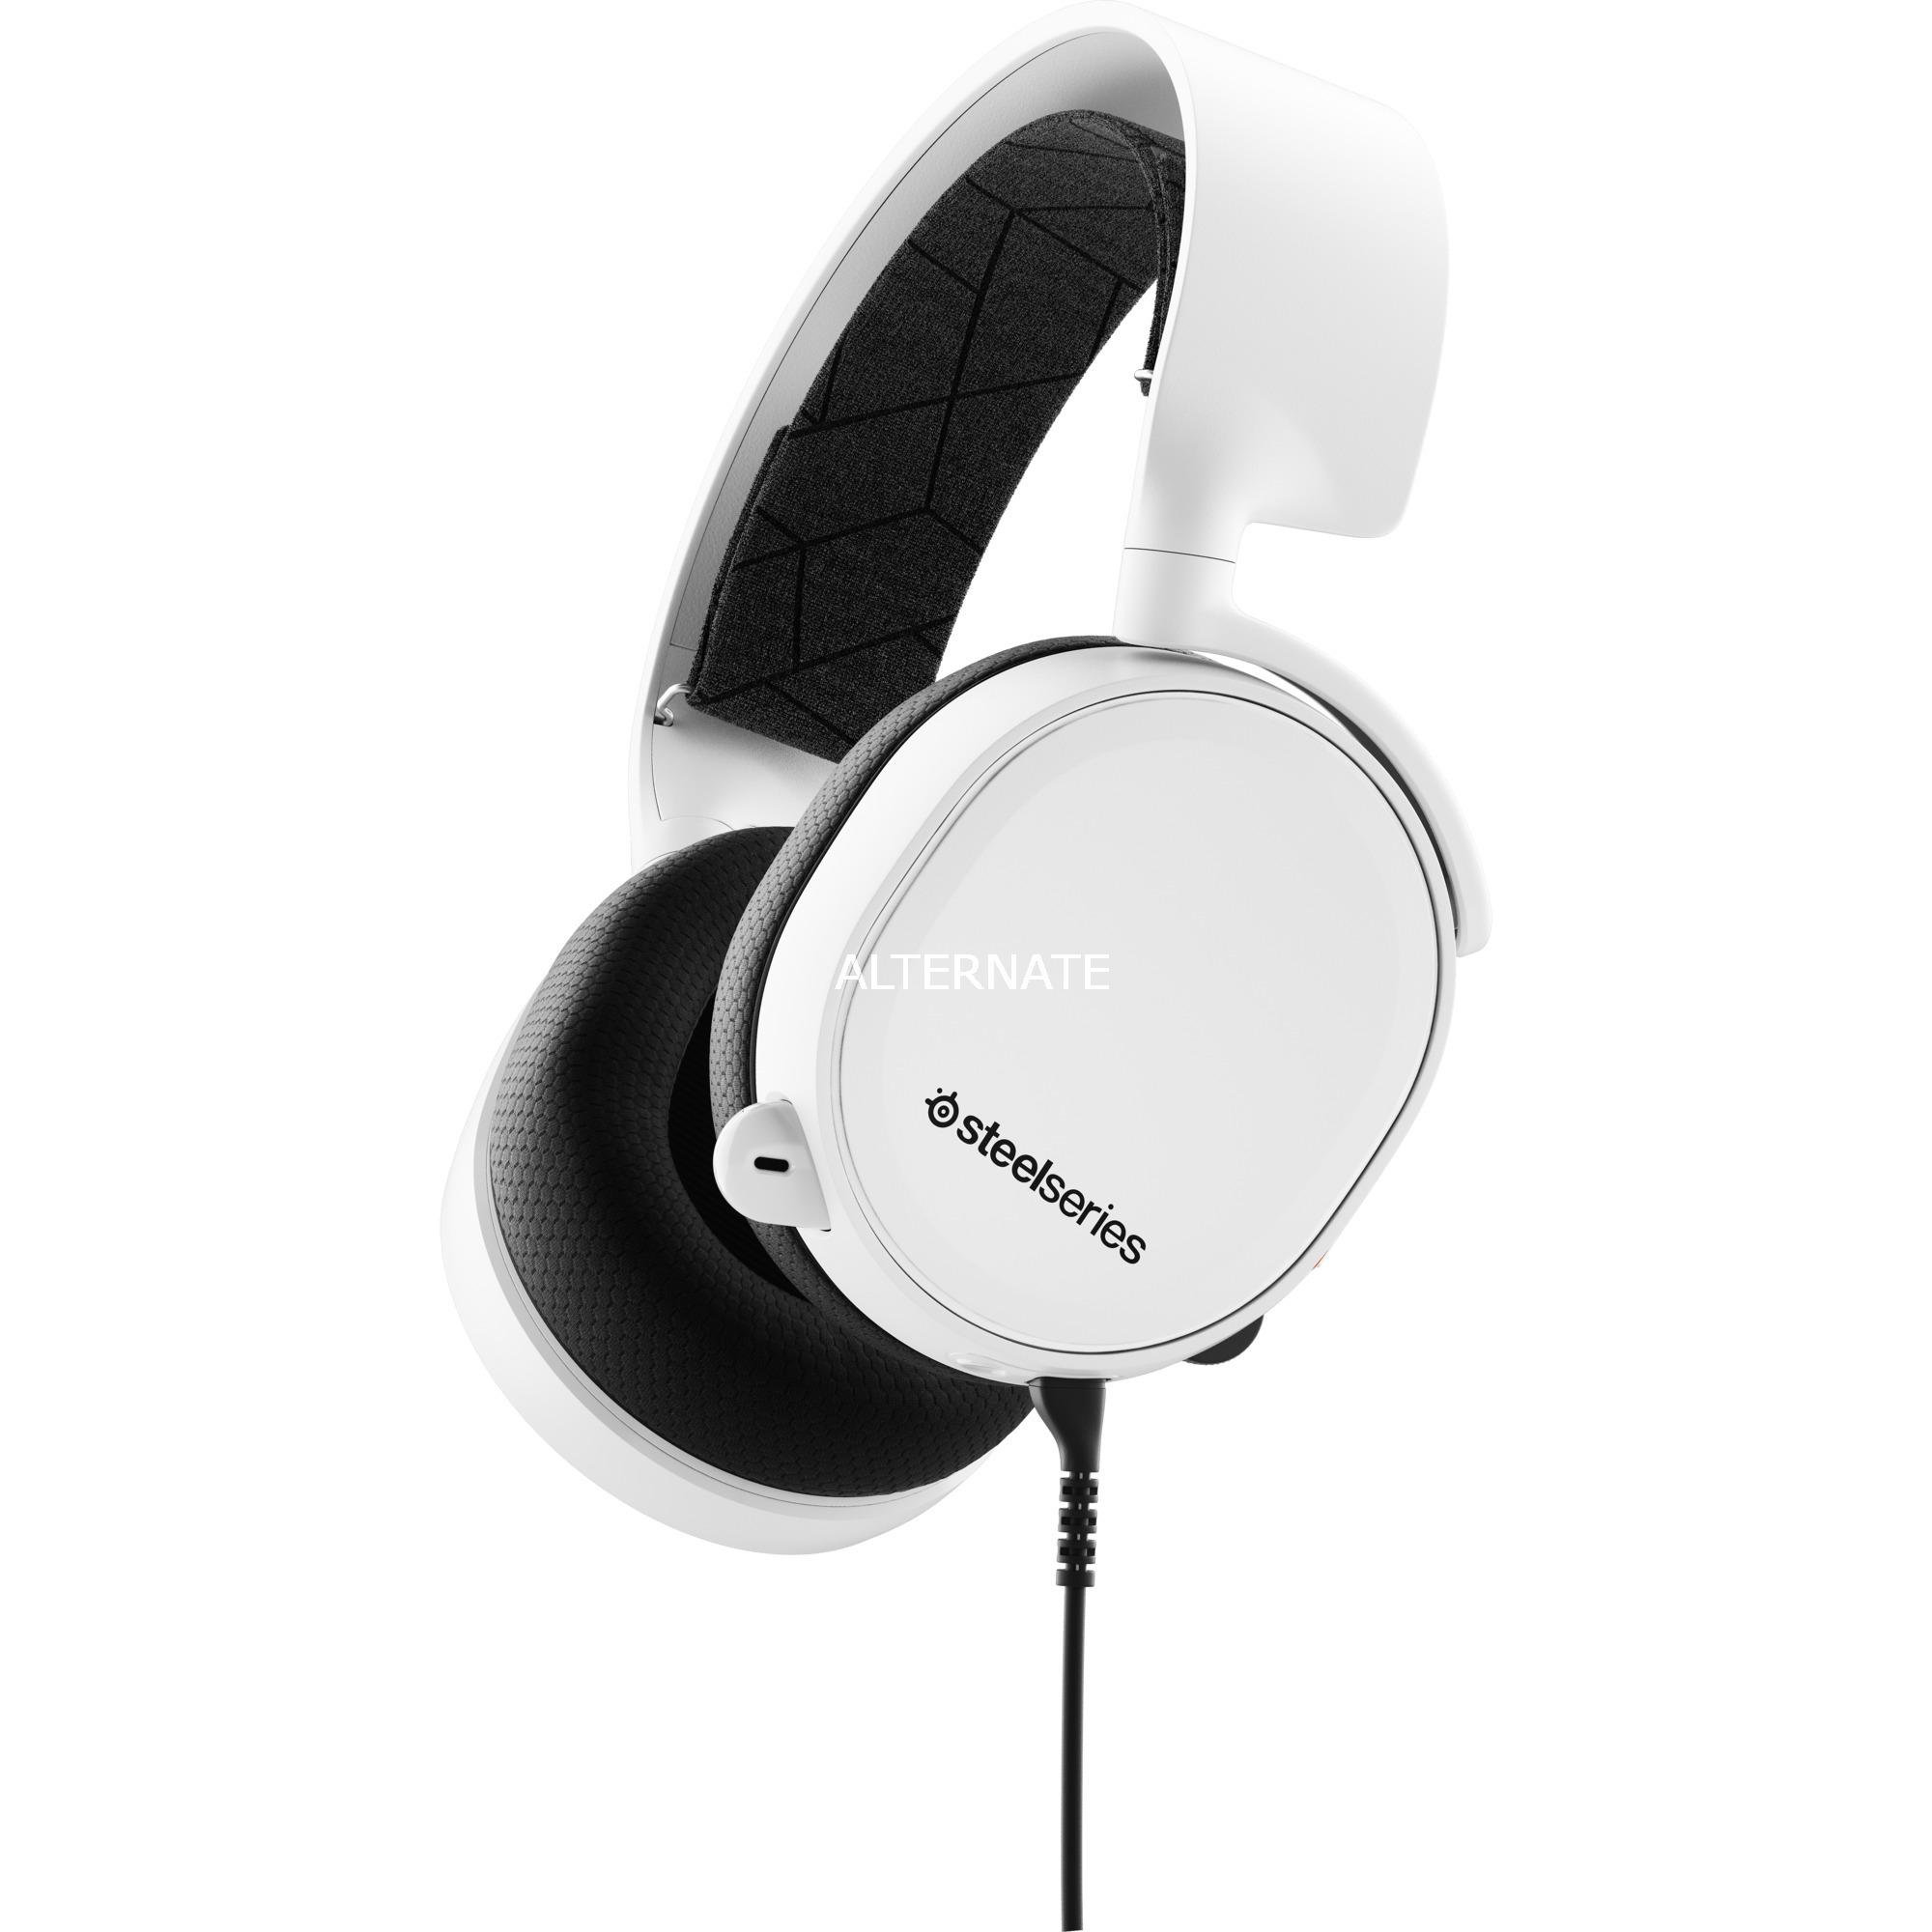 Arctis 3 auricular con micrófono Binaural Diadema Negro, Blanco, Auriculares con micrófono